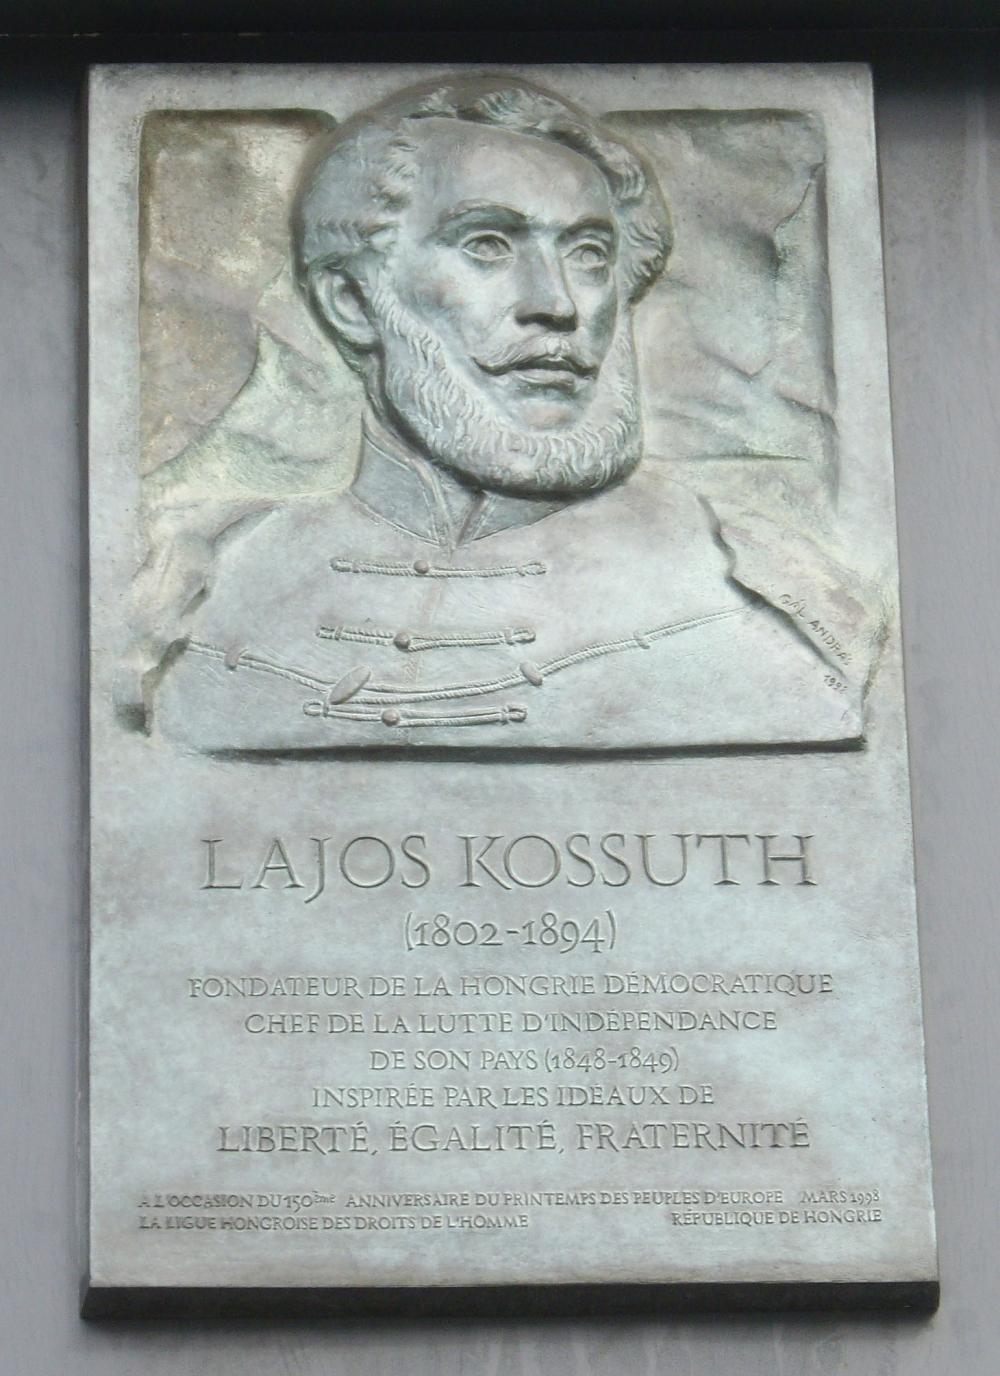 Plaque_Lajos_Kossuth,_Place_Kossuth,_Paris_9